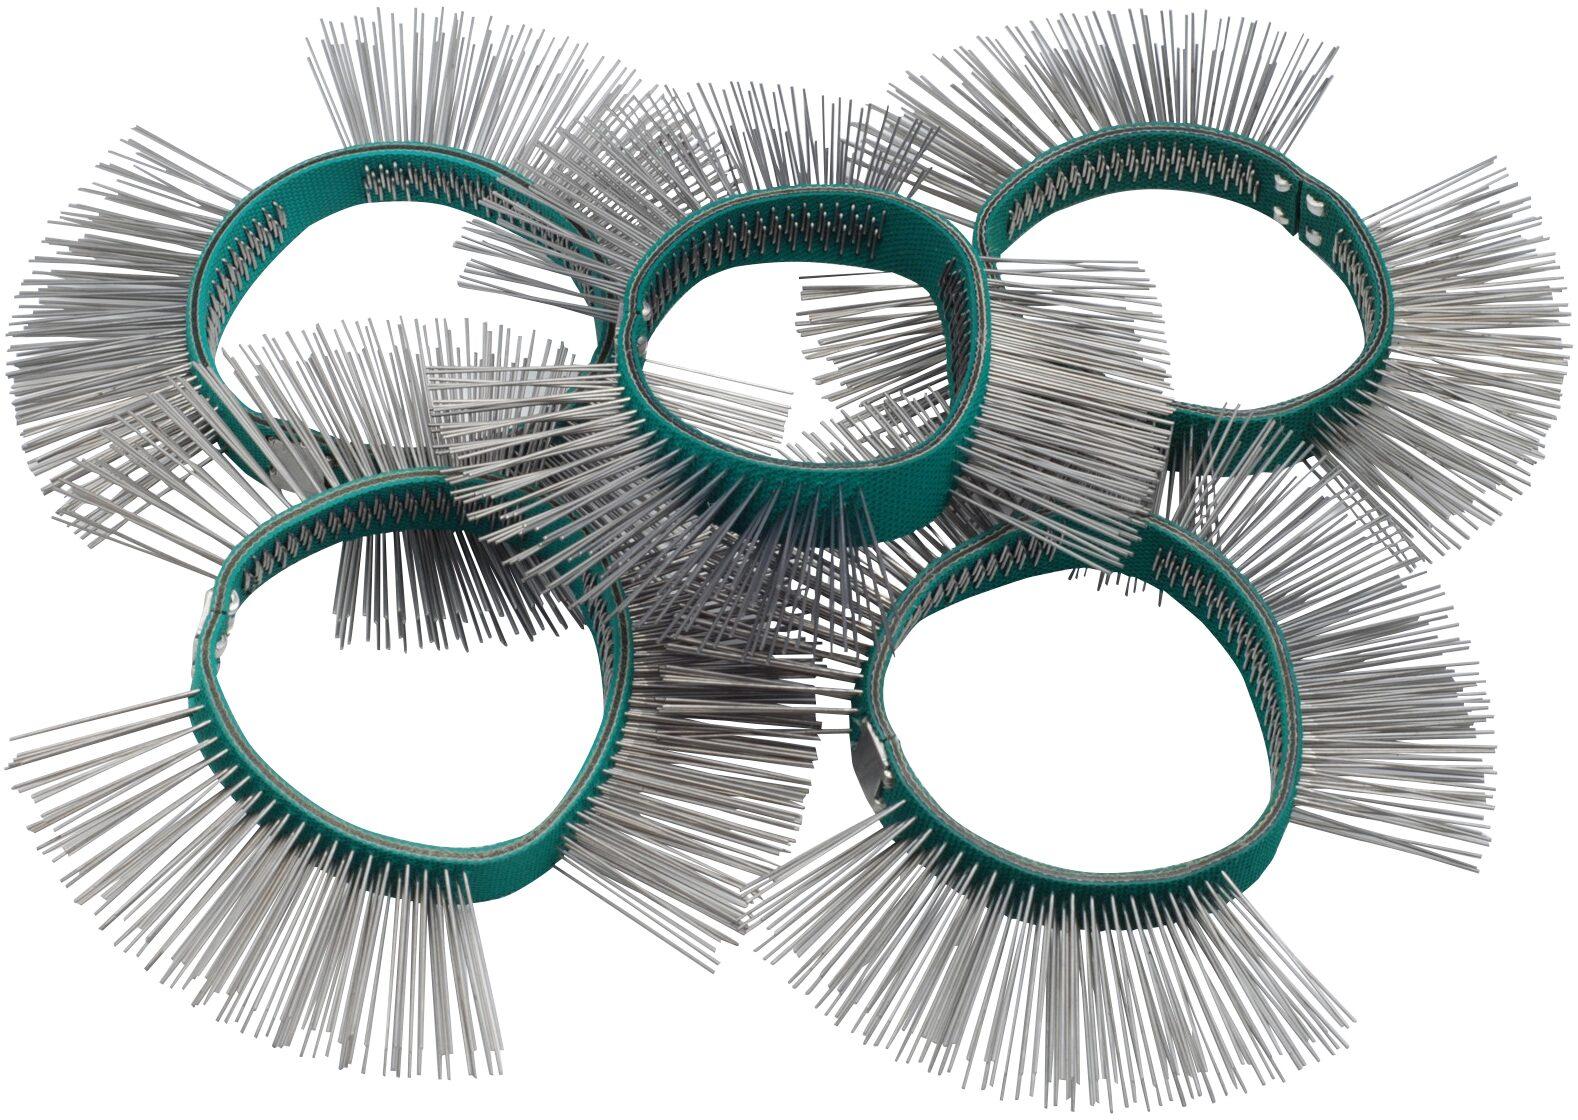 HAZET Bürstenband ∙ 11mm breit ∙ fein ∙ gerade Spitzen 9033-6-05/5